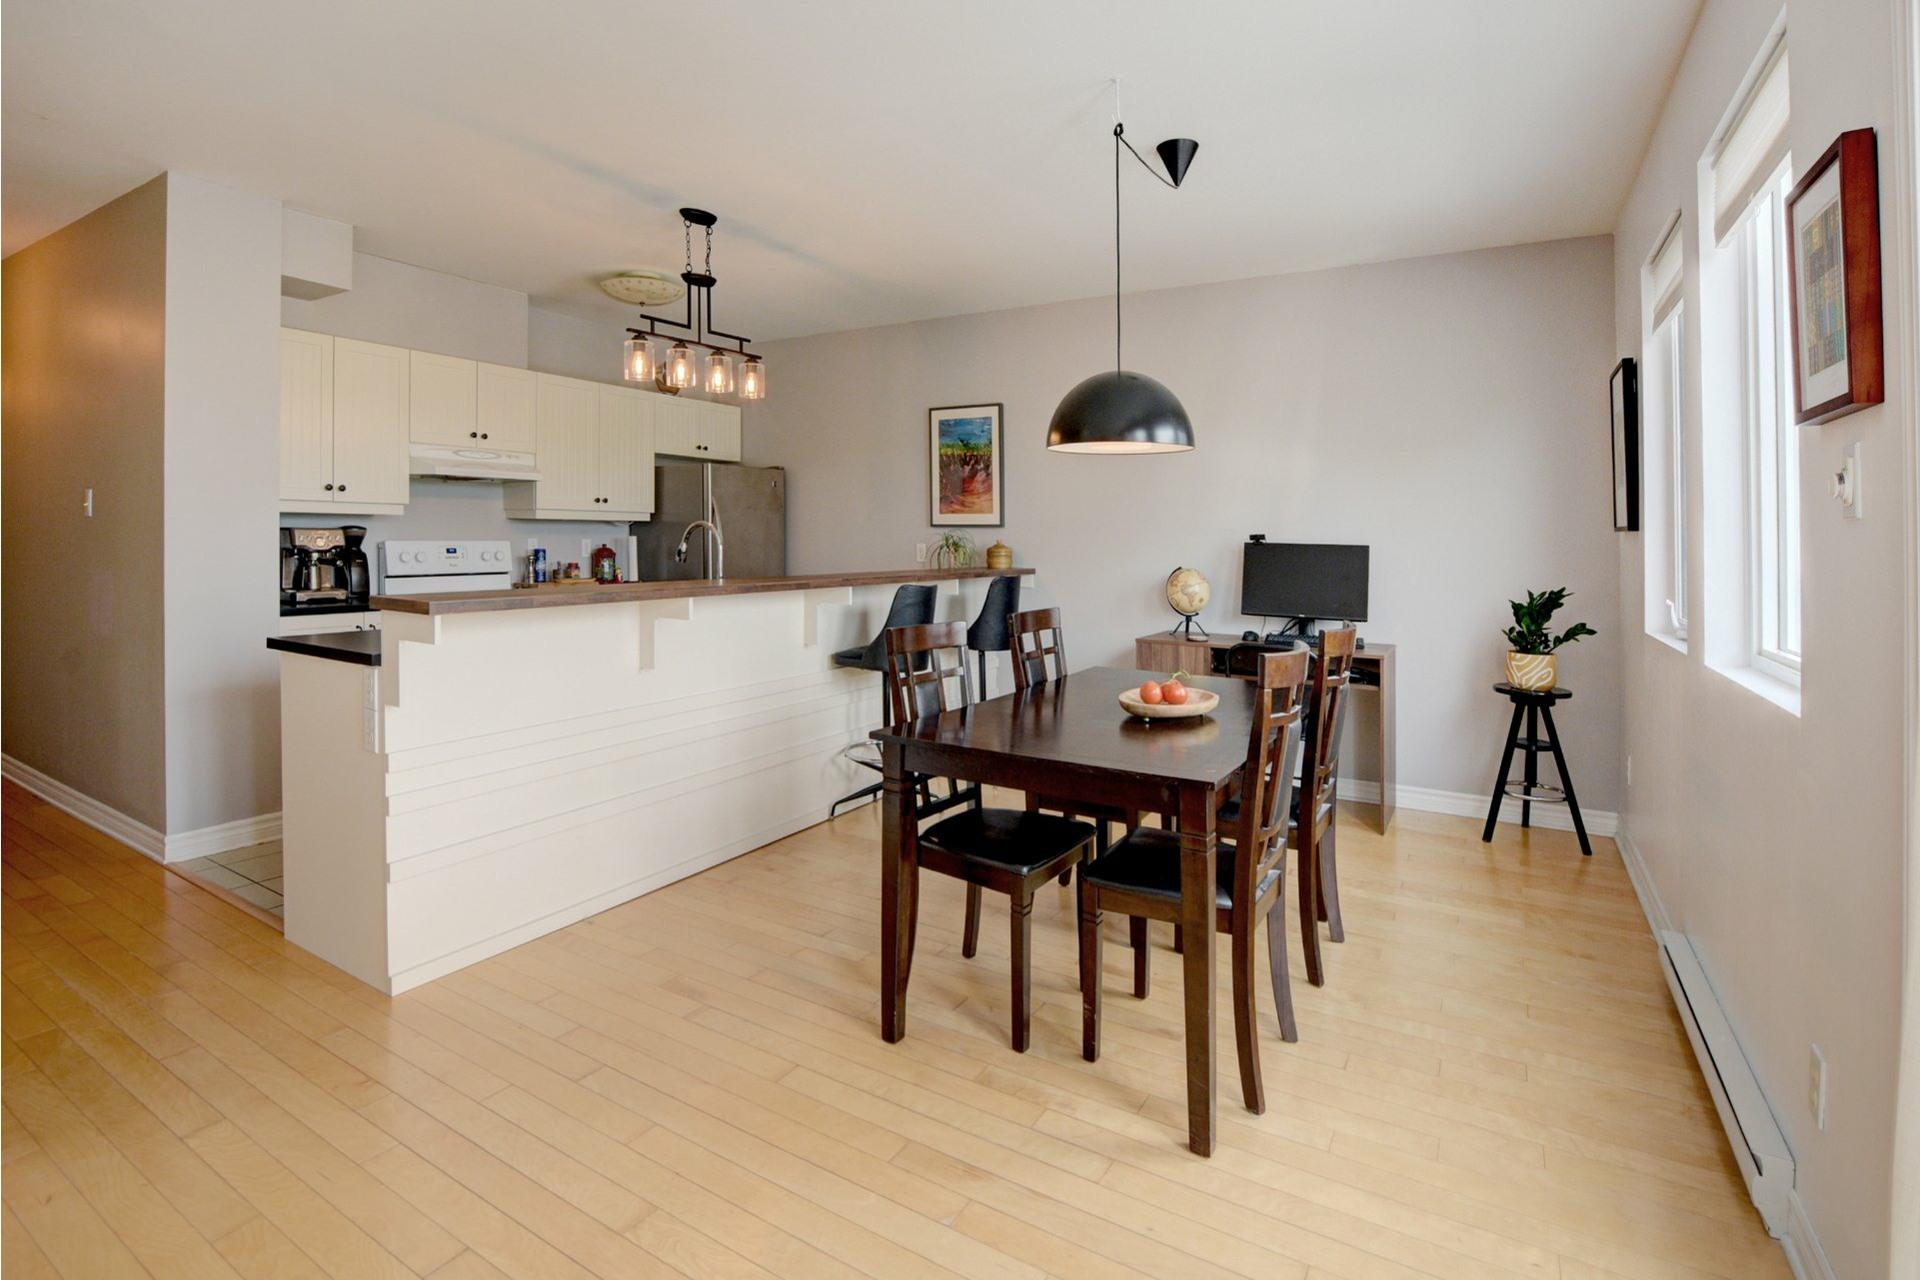 image 7 - Apartment For sale Mercier/Hochelaga-Maisonneuve Montréal  - 6 rooms